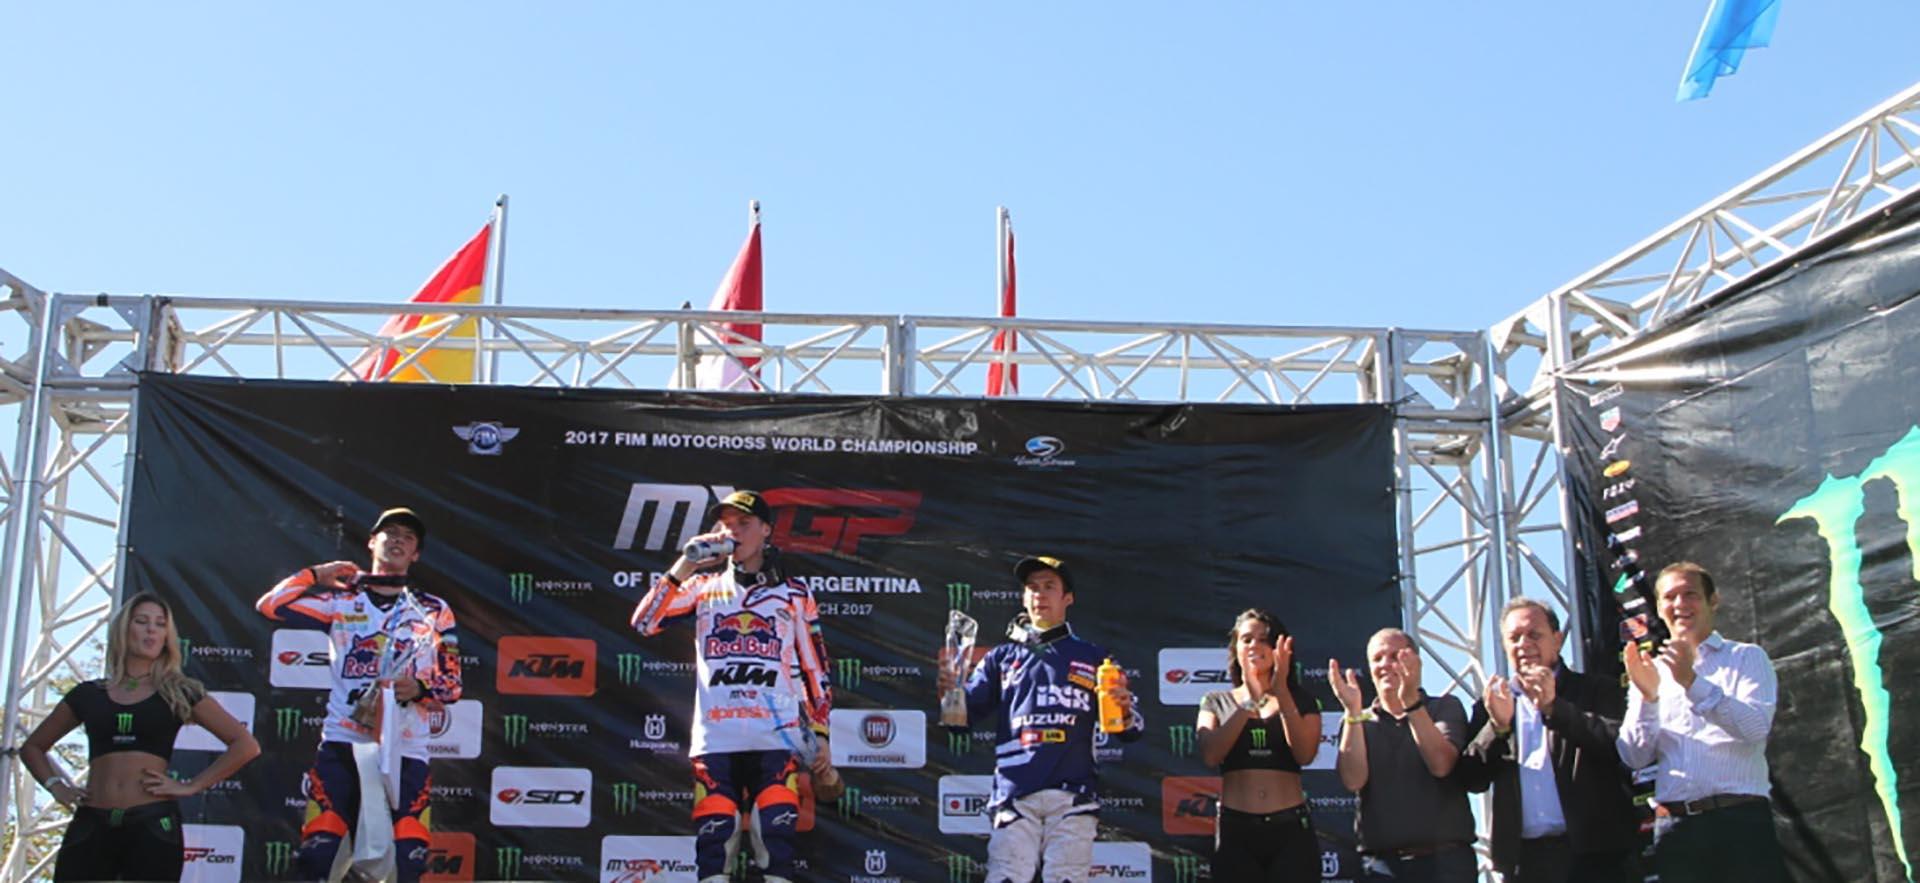 En la categoría MX2, en tanto, el que lideró la competencia fue Pauls Jonass, seguido de Jeremy Seewer y Jorge Prado García (Mintur Arg)